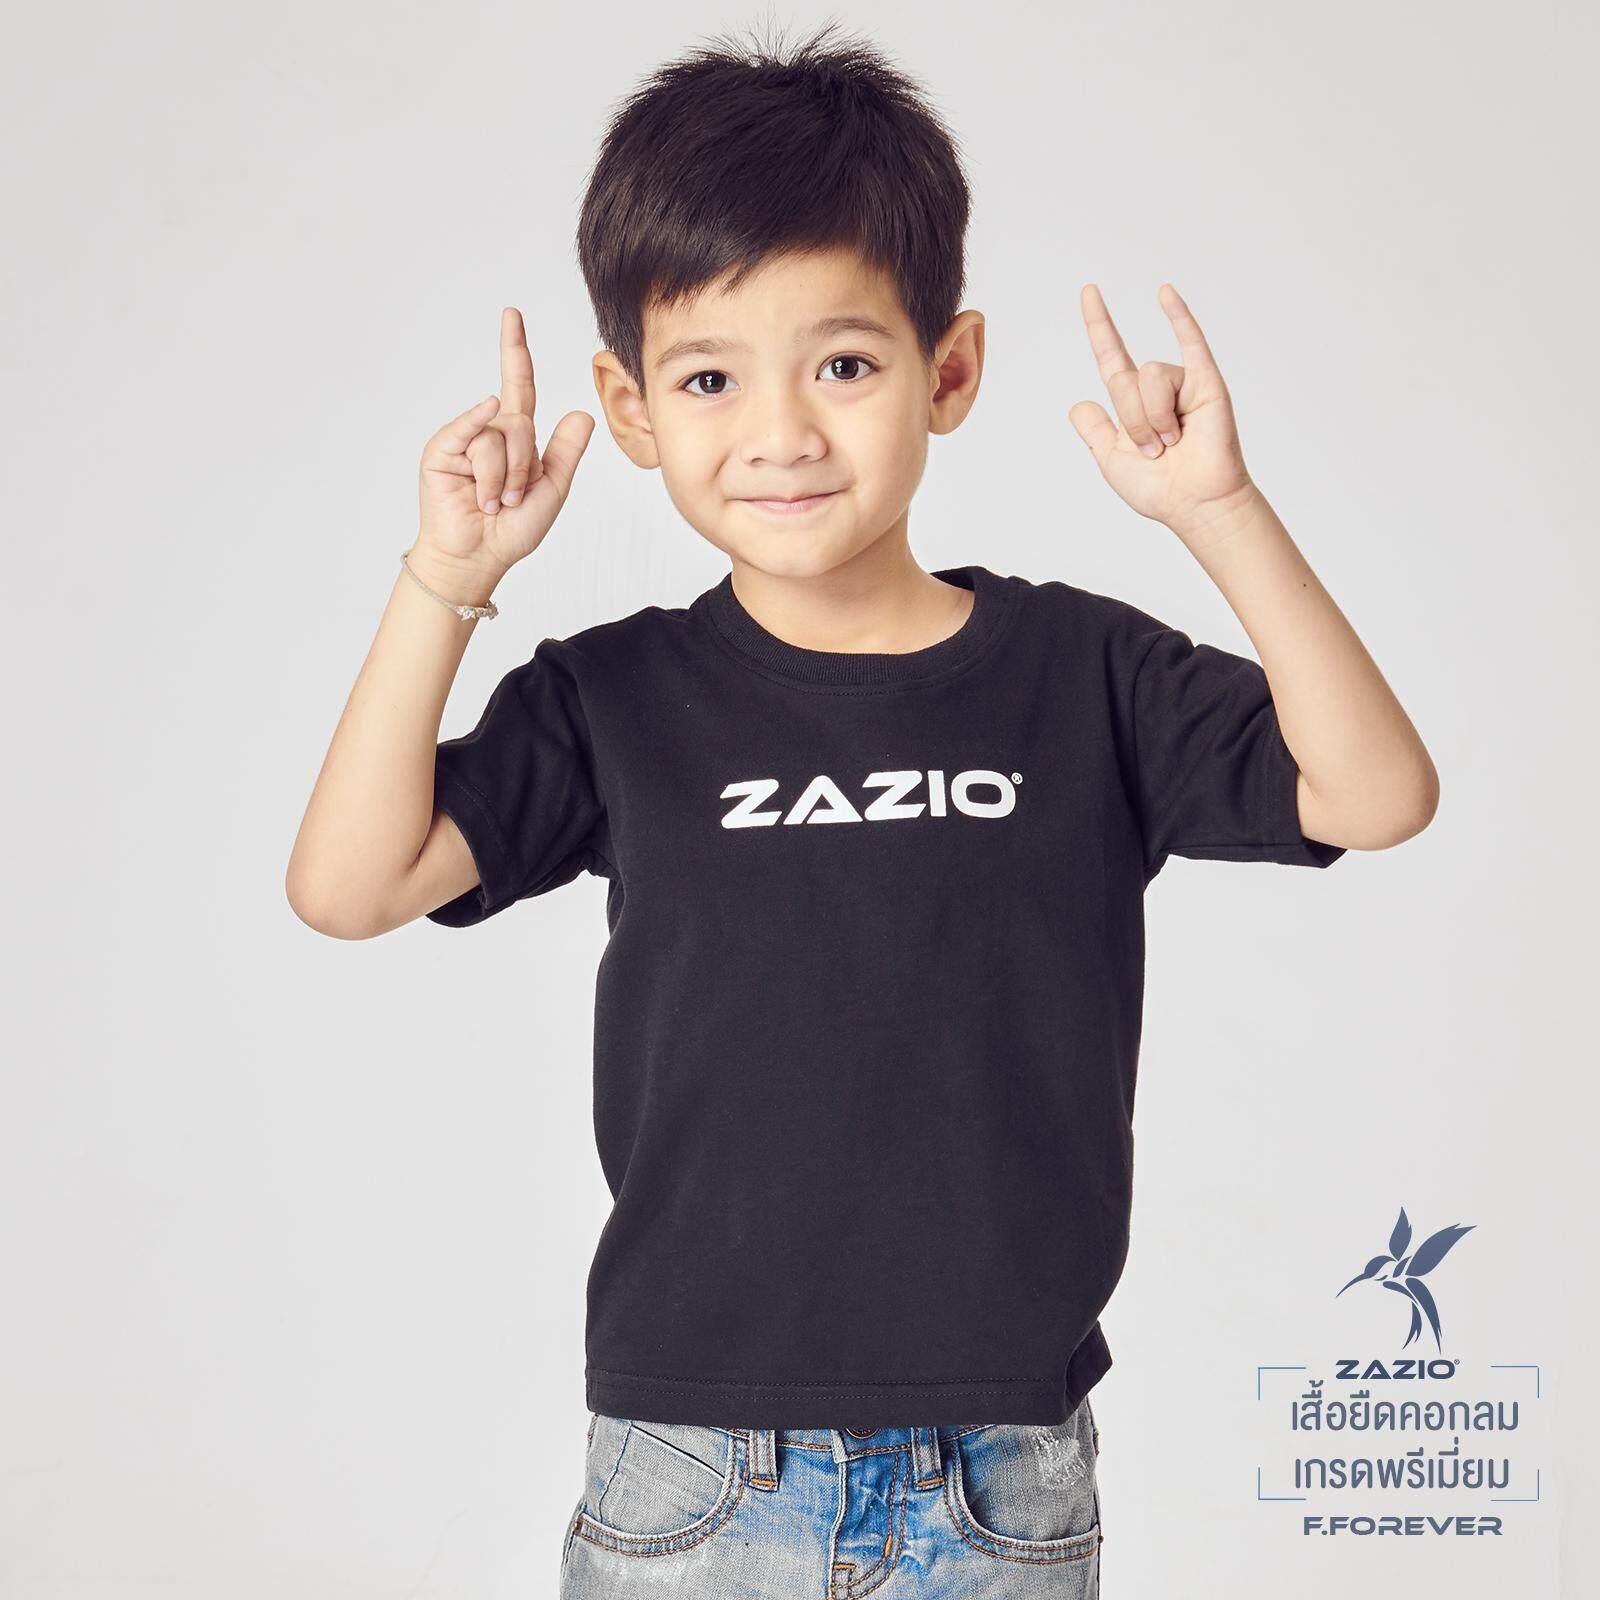 เสื้อยืดเด็ก : เสื้อยืดคอกลมเด็ก เกรดพรีเมี่ยม ZAZIO สีดำ รุ่น F.Forever